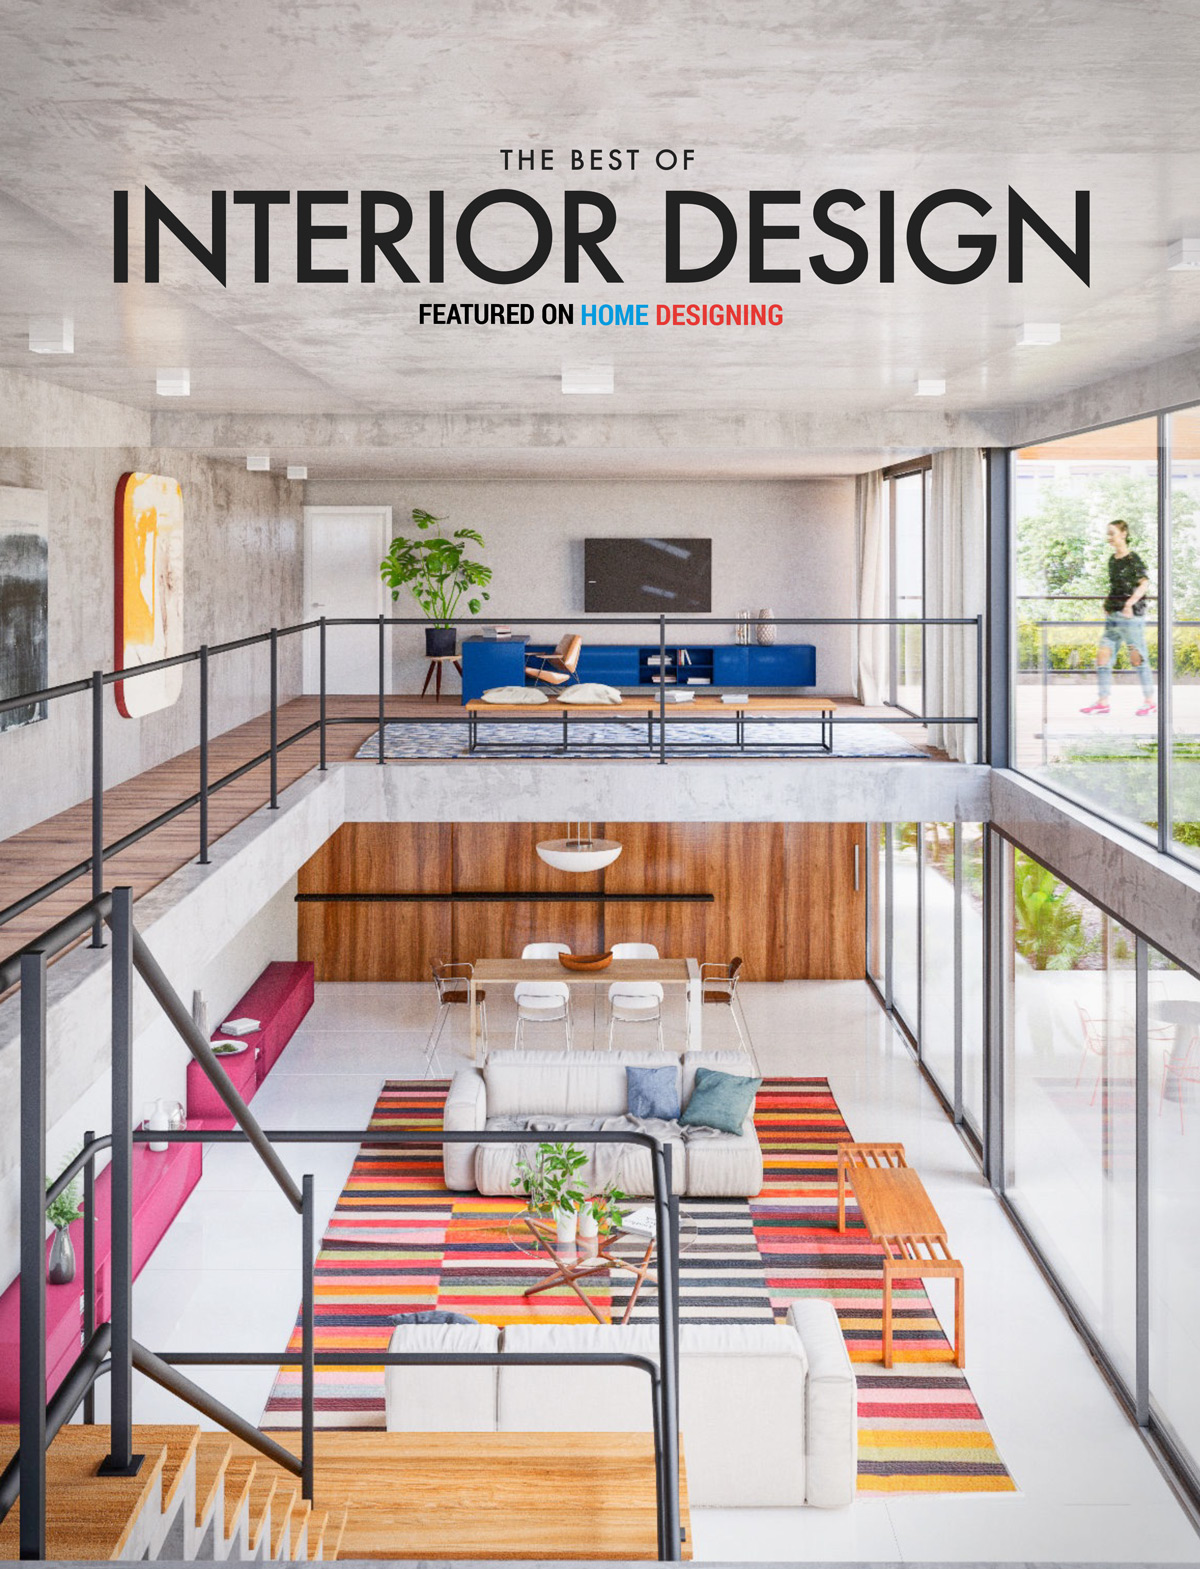 Best Kitchen Gallery: Free Interior Design Ebook The Best Of Interior Design  Interior Of Home